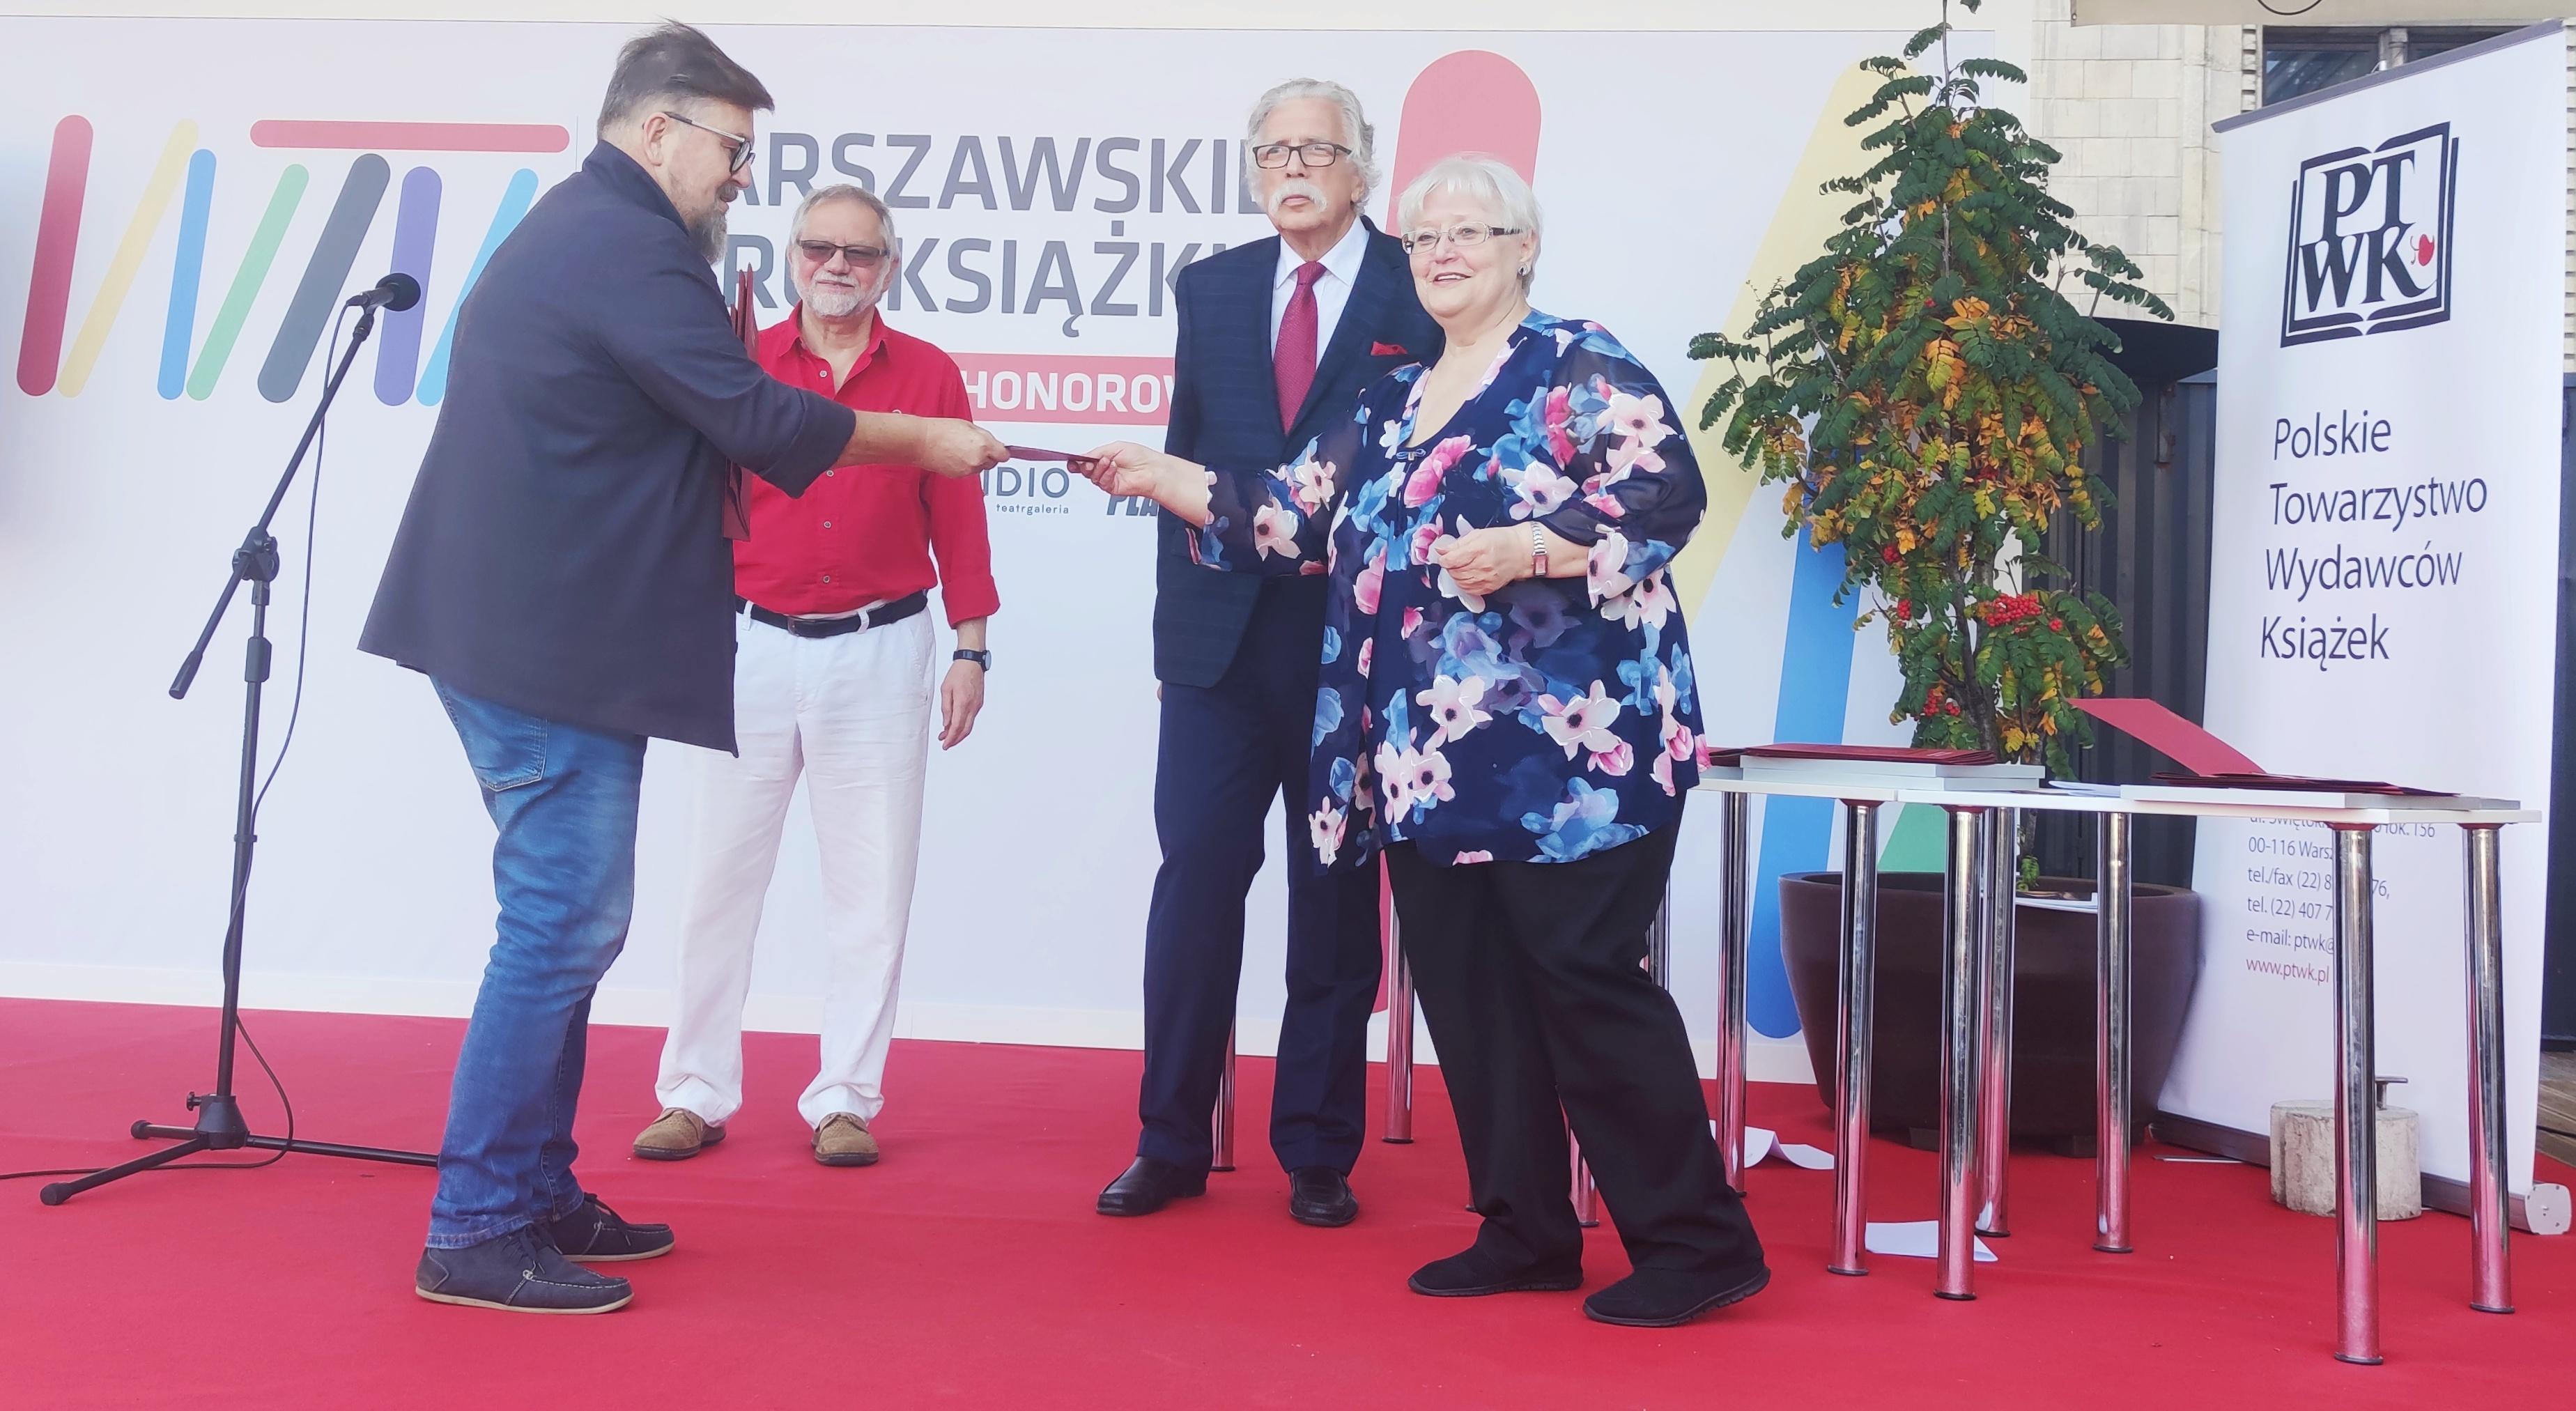 """Lublin: Album """"Lublin Filmowy - Filmowy Lublin"""" z prestiżową nagrodą - Zdjęcie główne"""